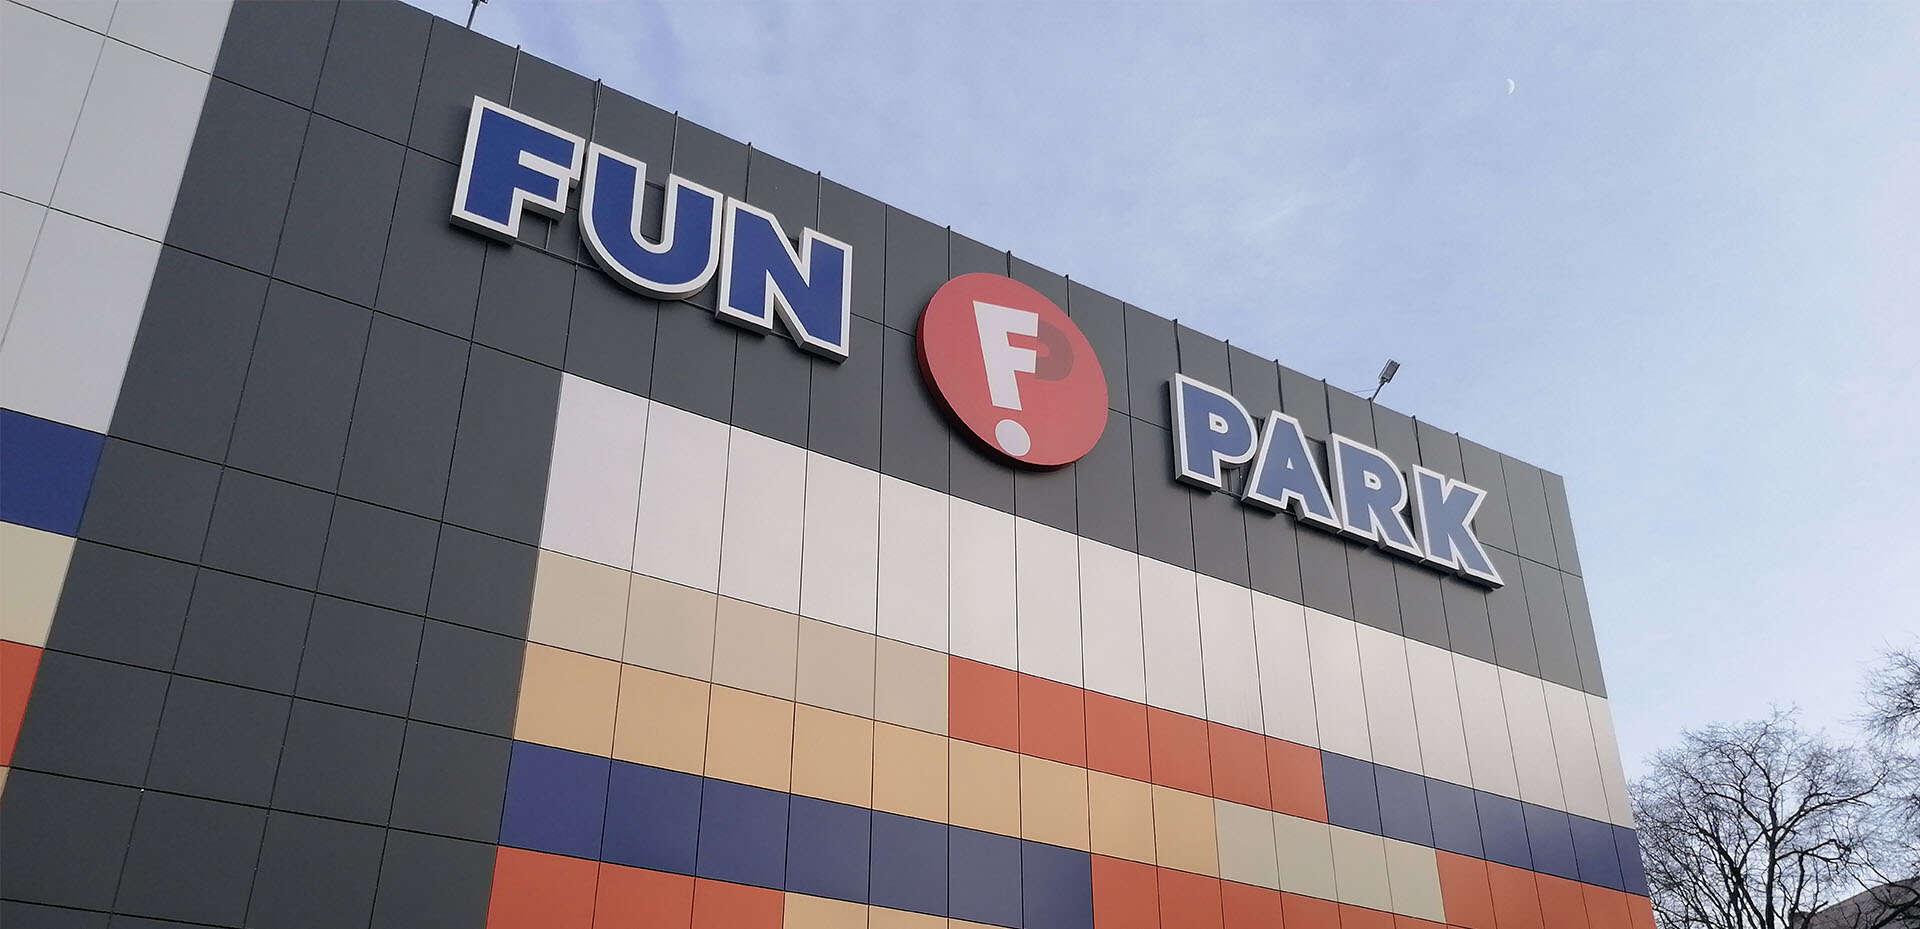 Fun Park - фасад игрового развлекательного центра